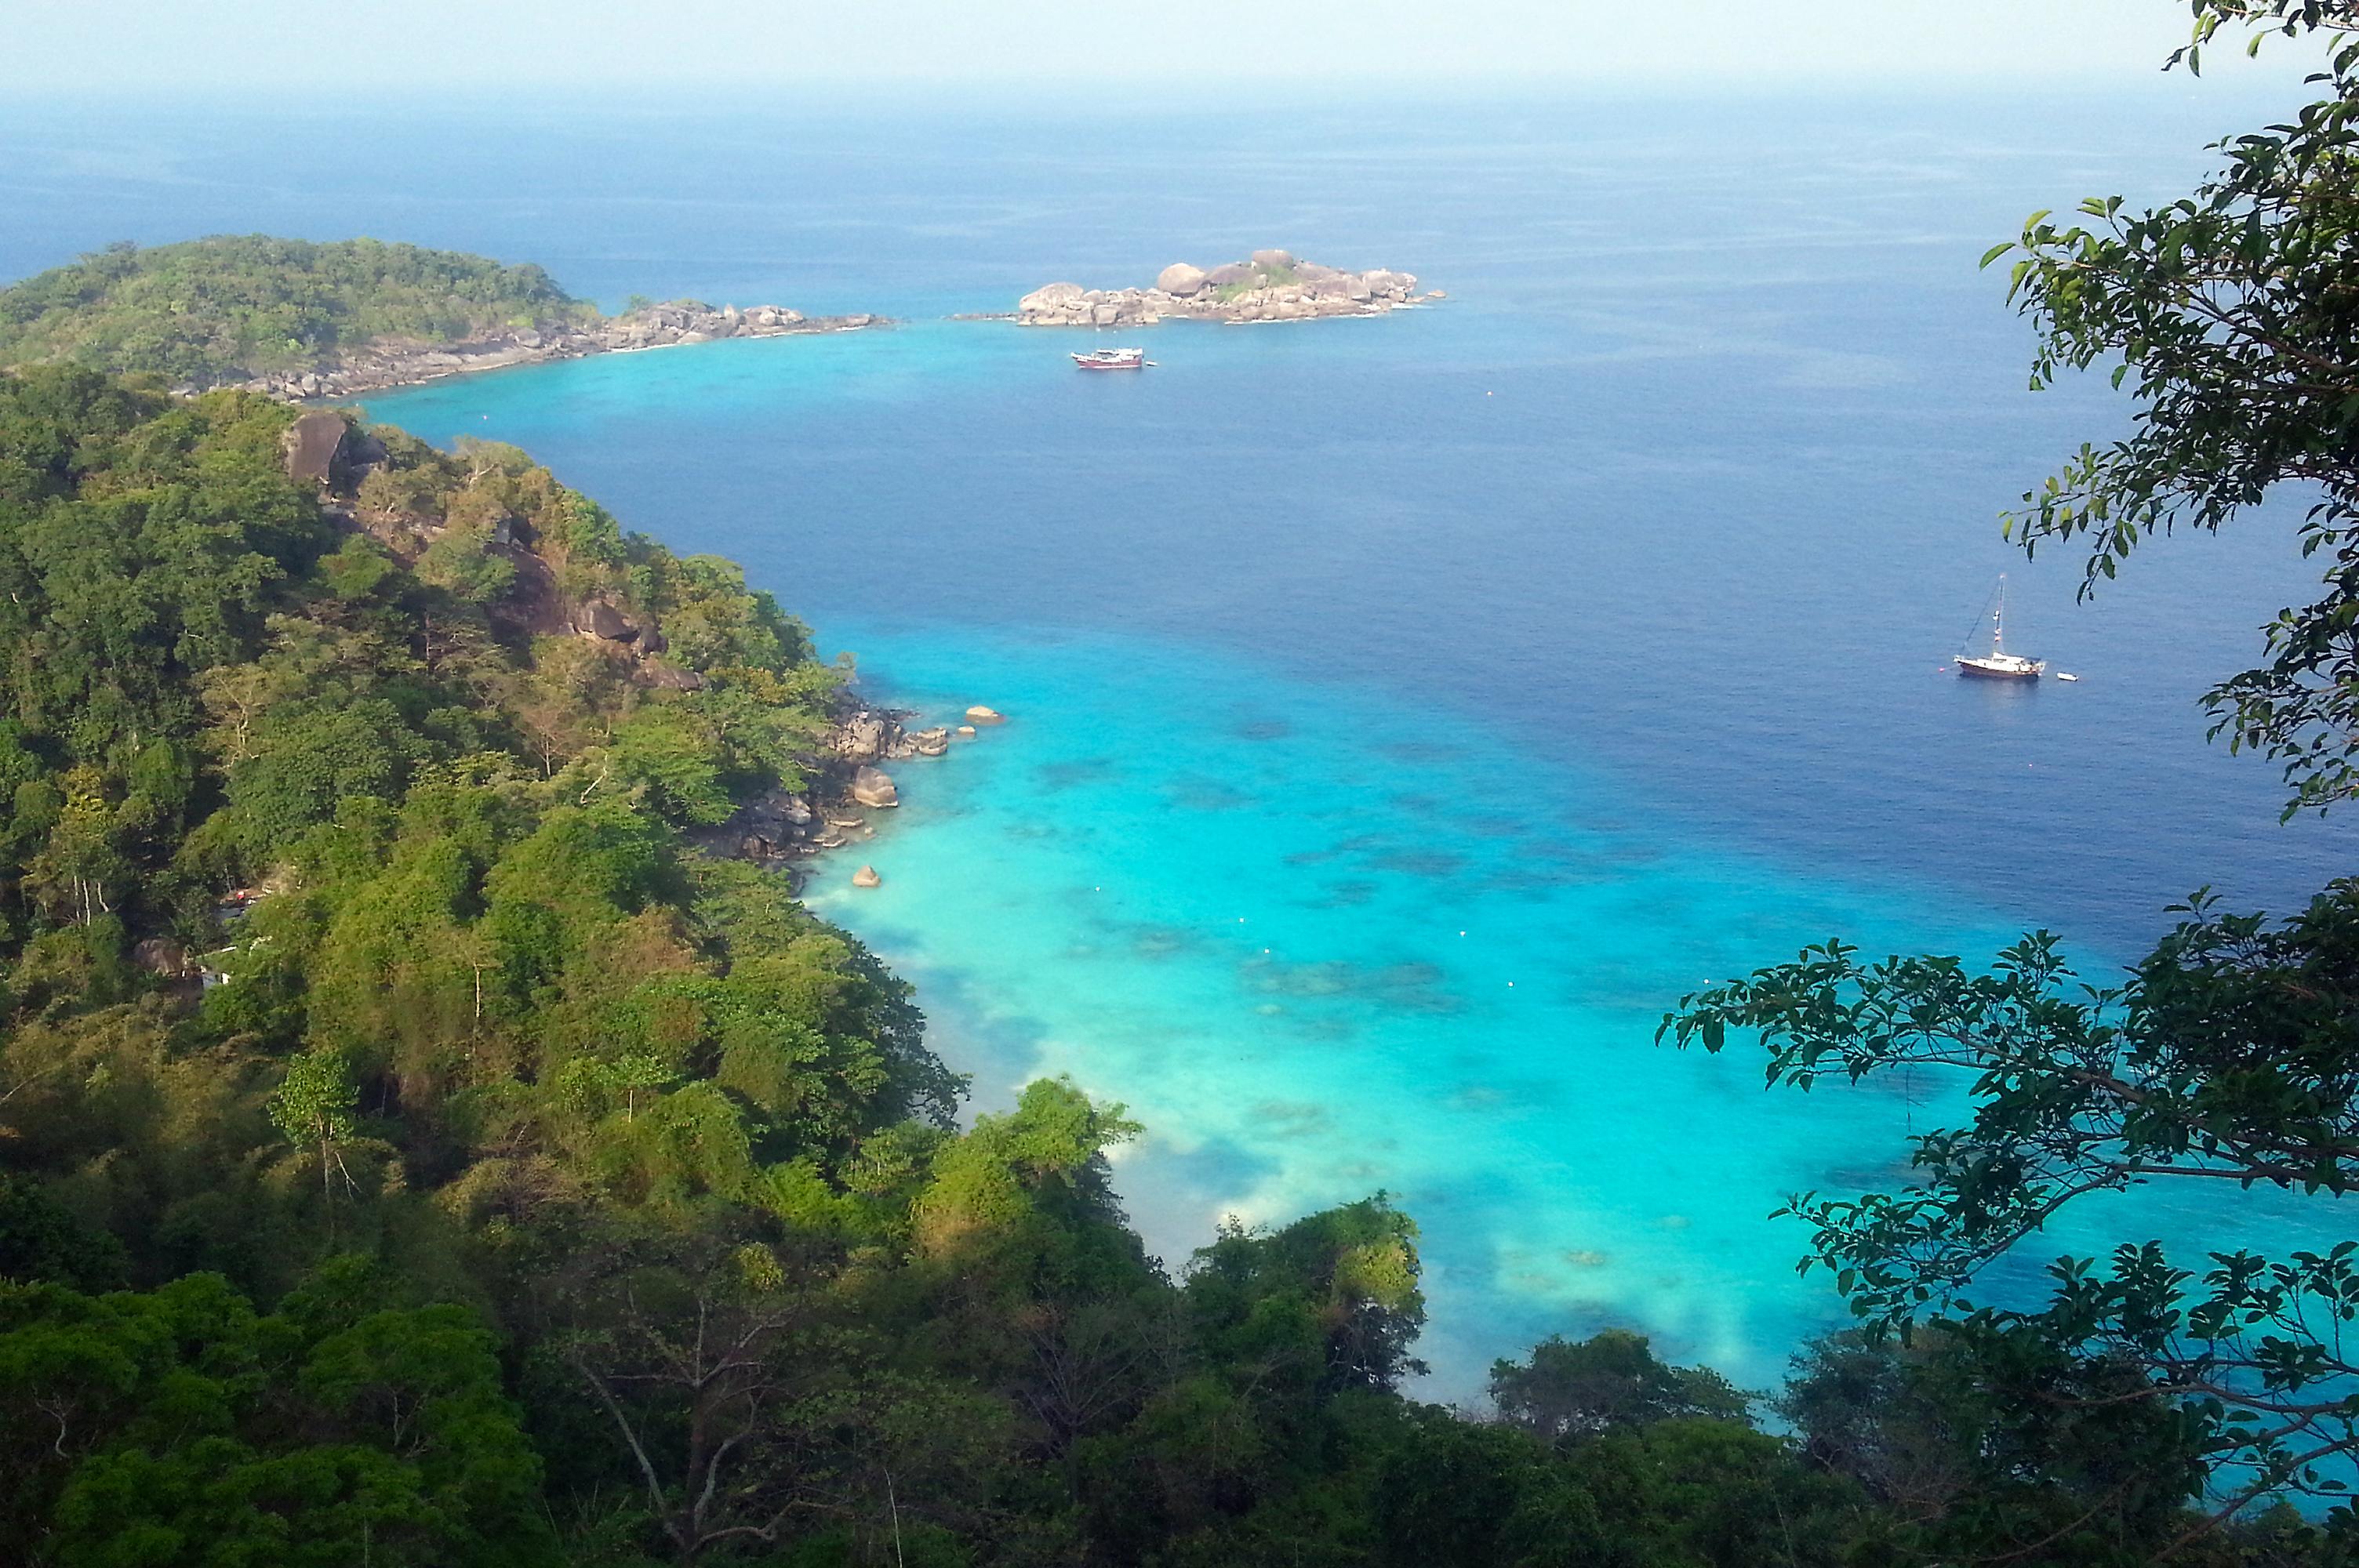 Koh Miang Viewpoint